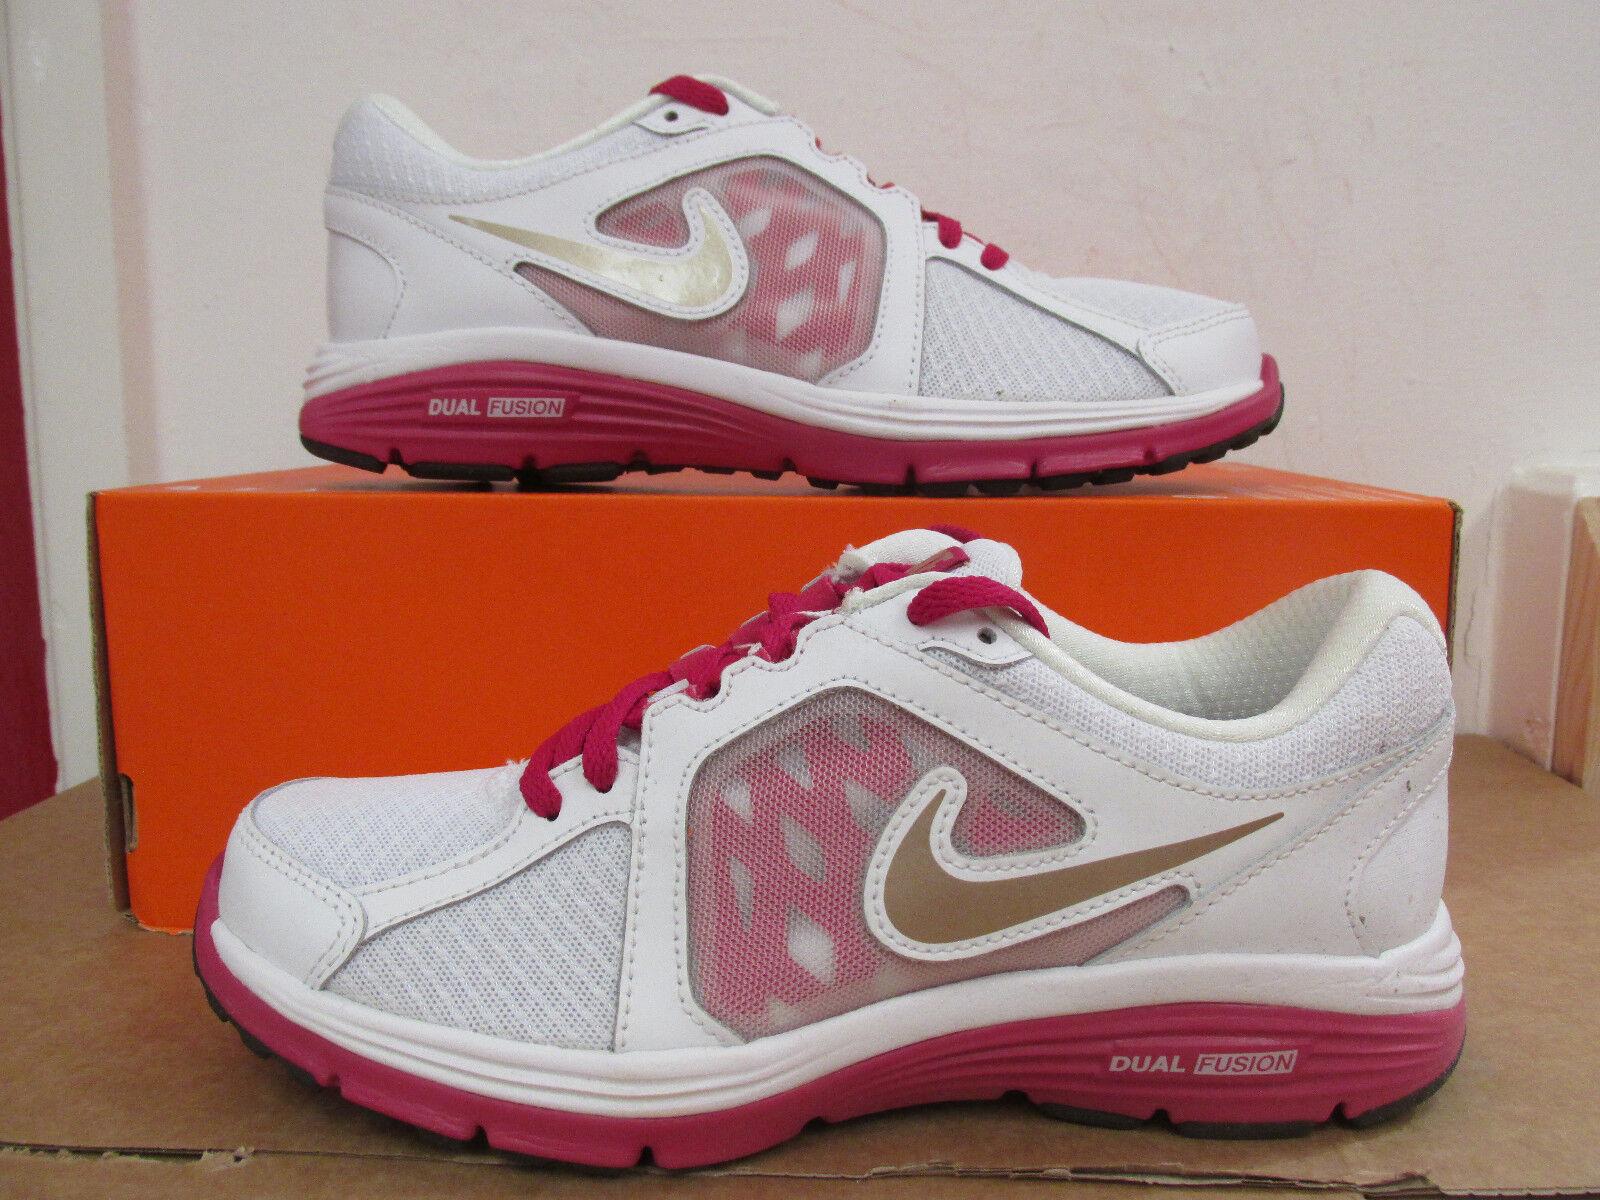 Nike Donna Dual Fusion Run Breathe Scarpe da Corsa 525752 102 Svendita Scarpe classiche da uomo